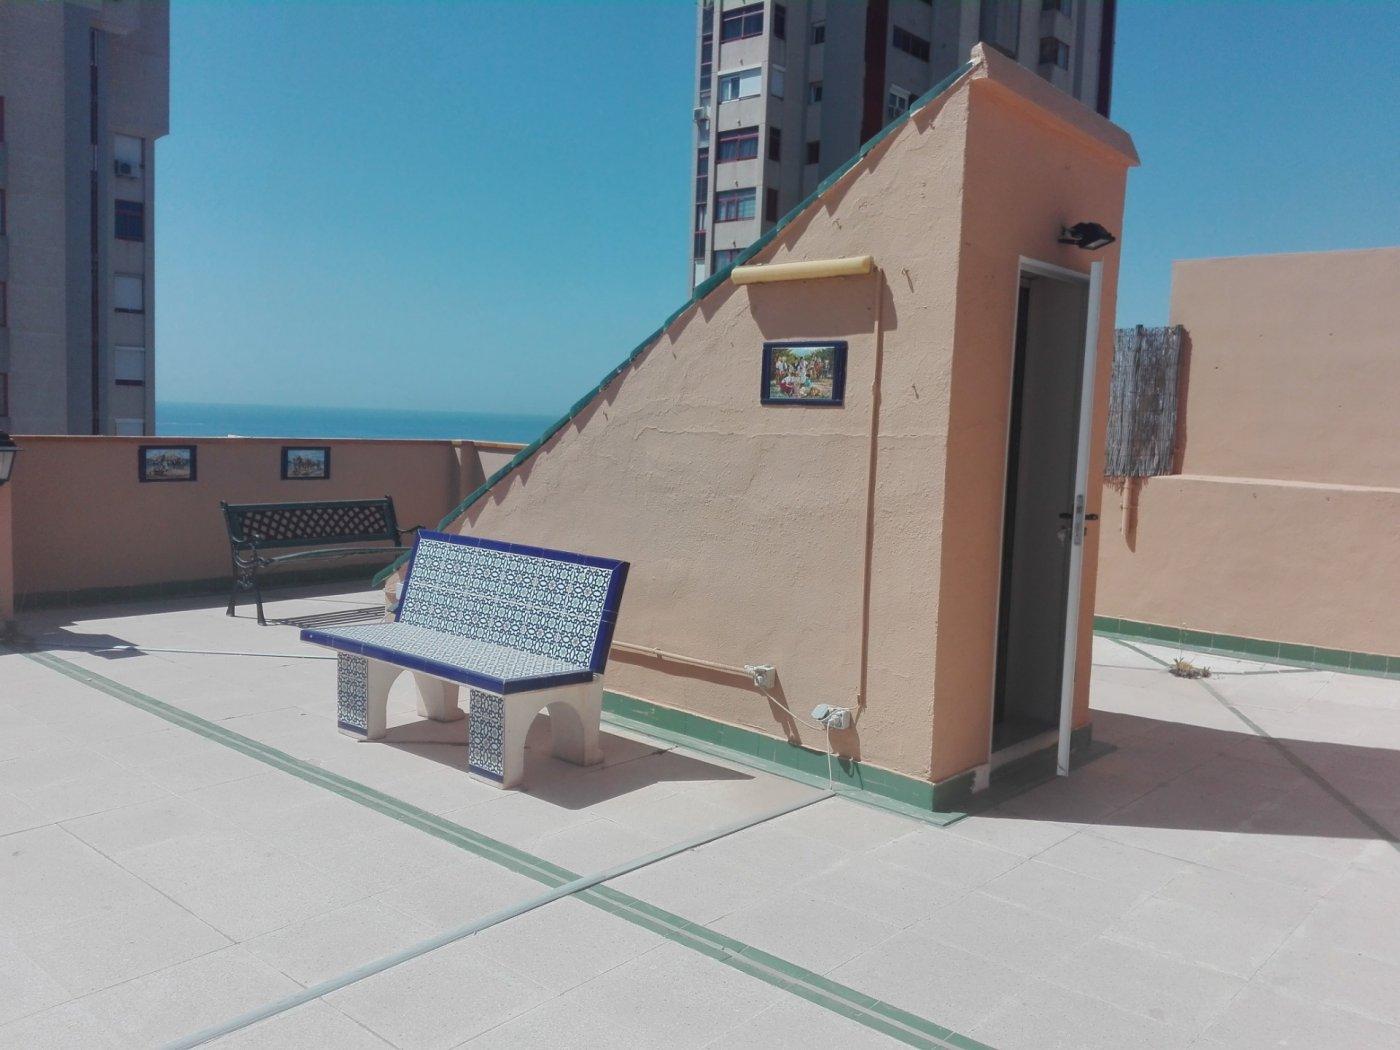 SUPERATICO, 2 DORMITORIOS MAS UNA SALITA CON SOLARIUM DE 110 METROS Y PISCINA COMUNITARIA 25